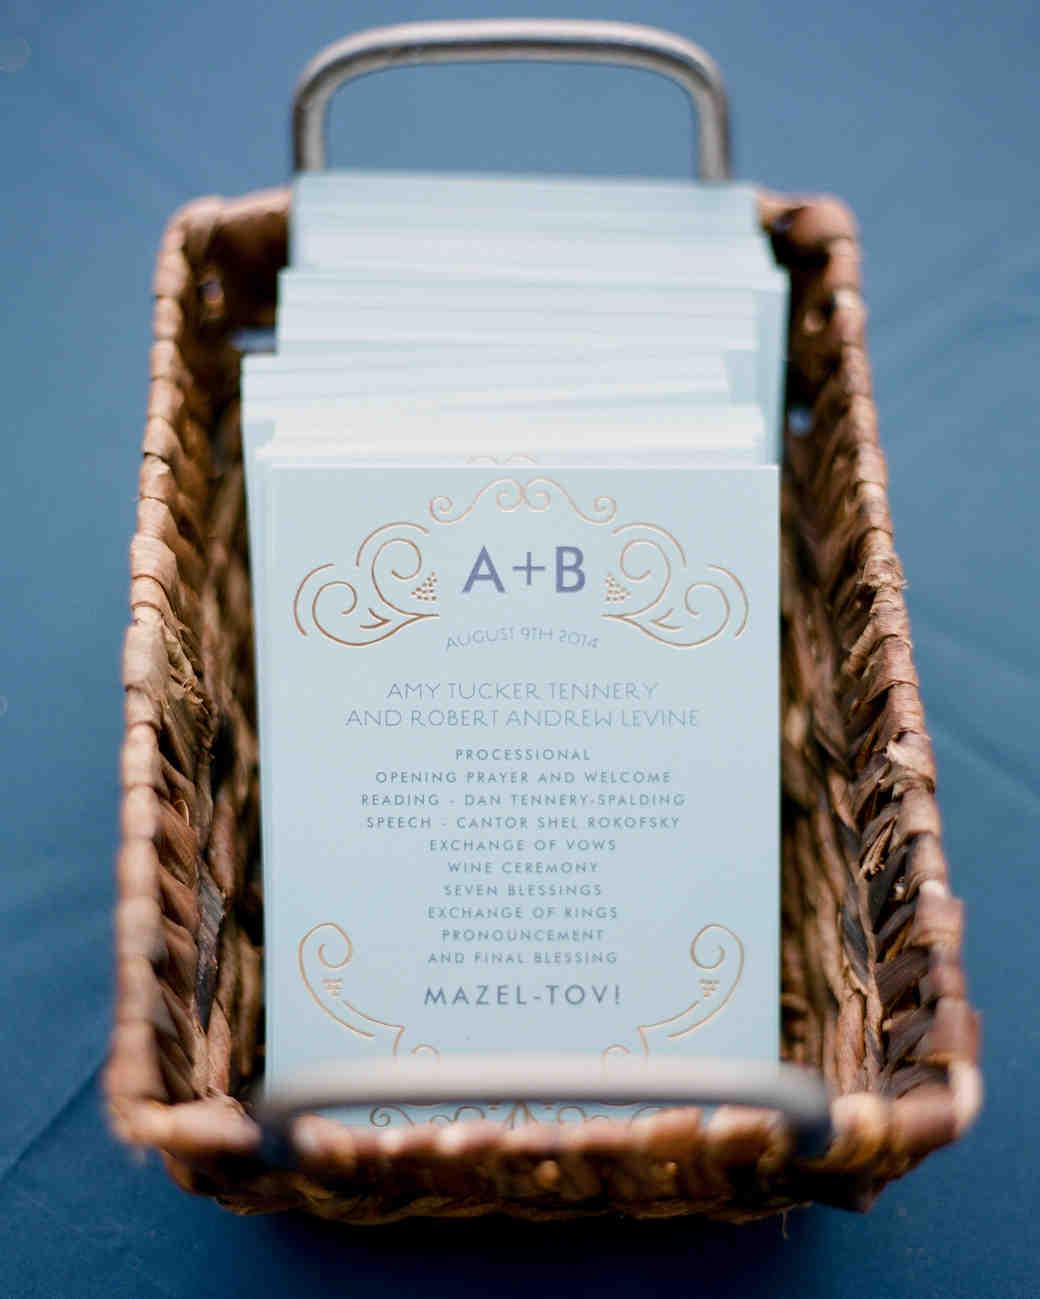 Programs: 45 Perfect Wedding Ceremony Programs